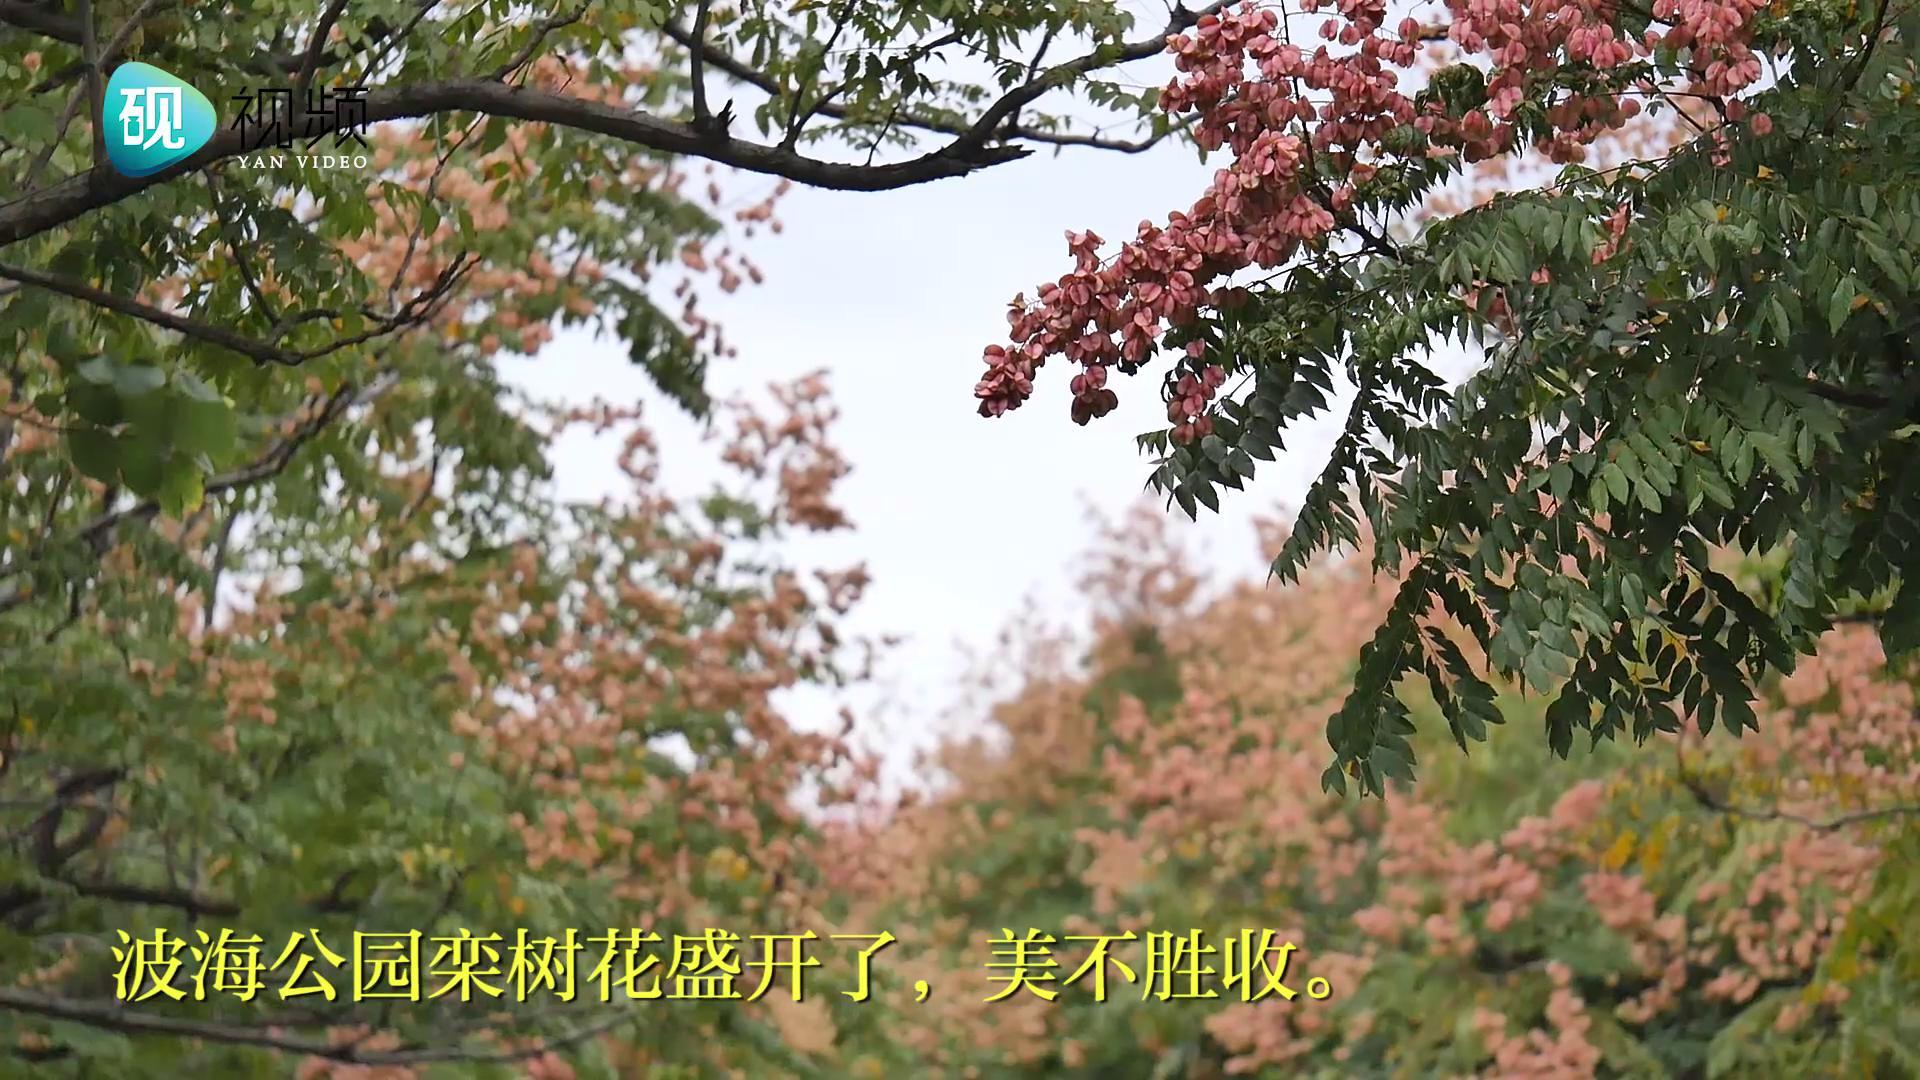 肇庆的秋日